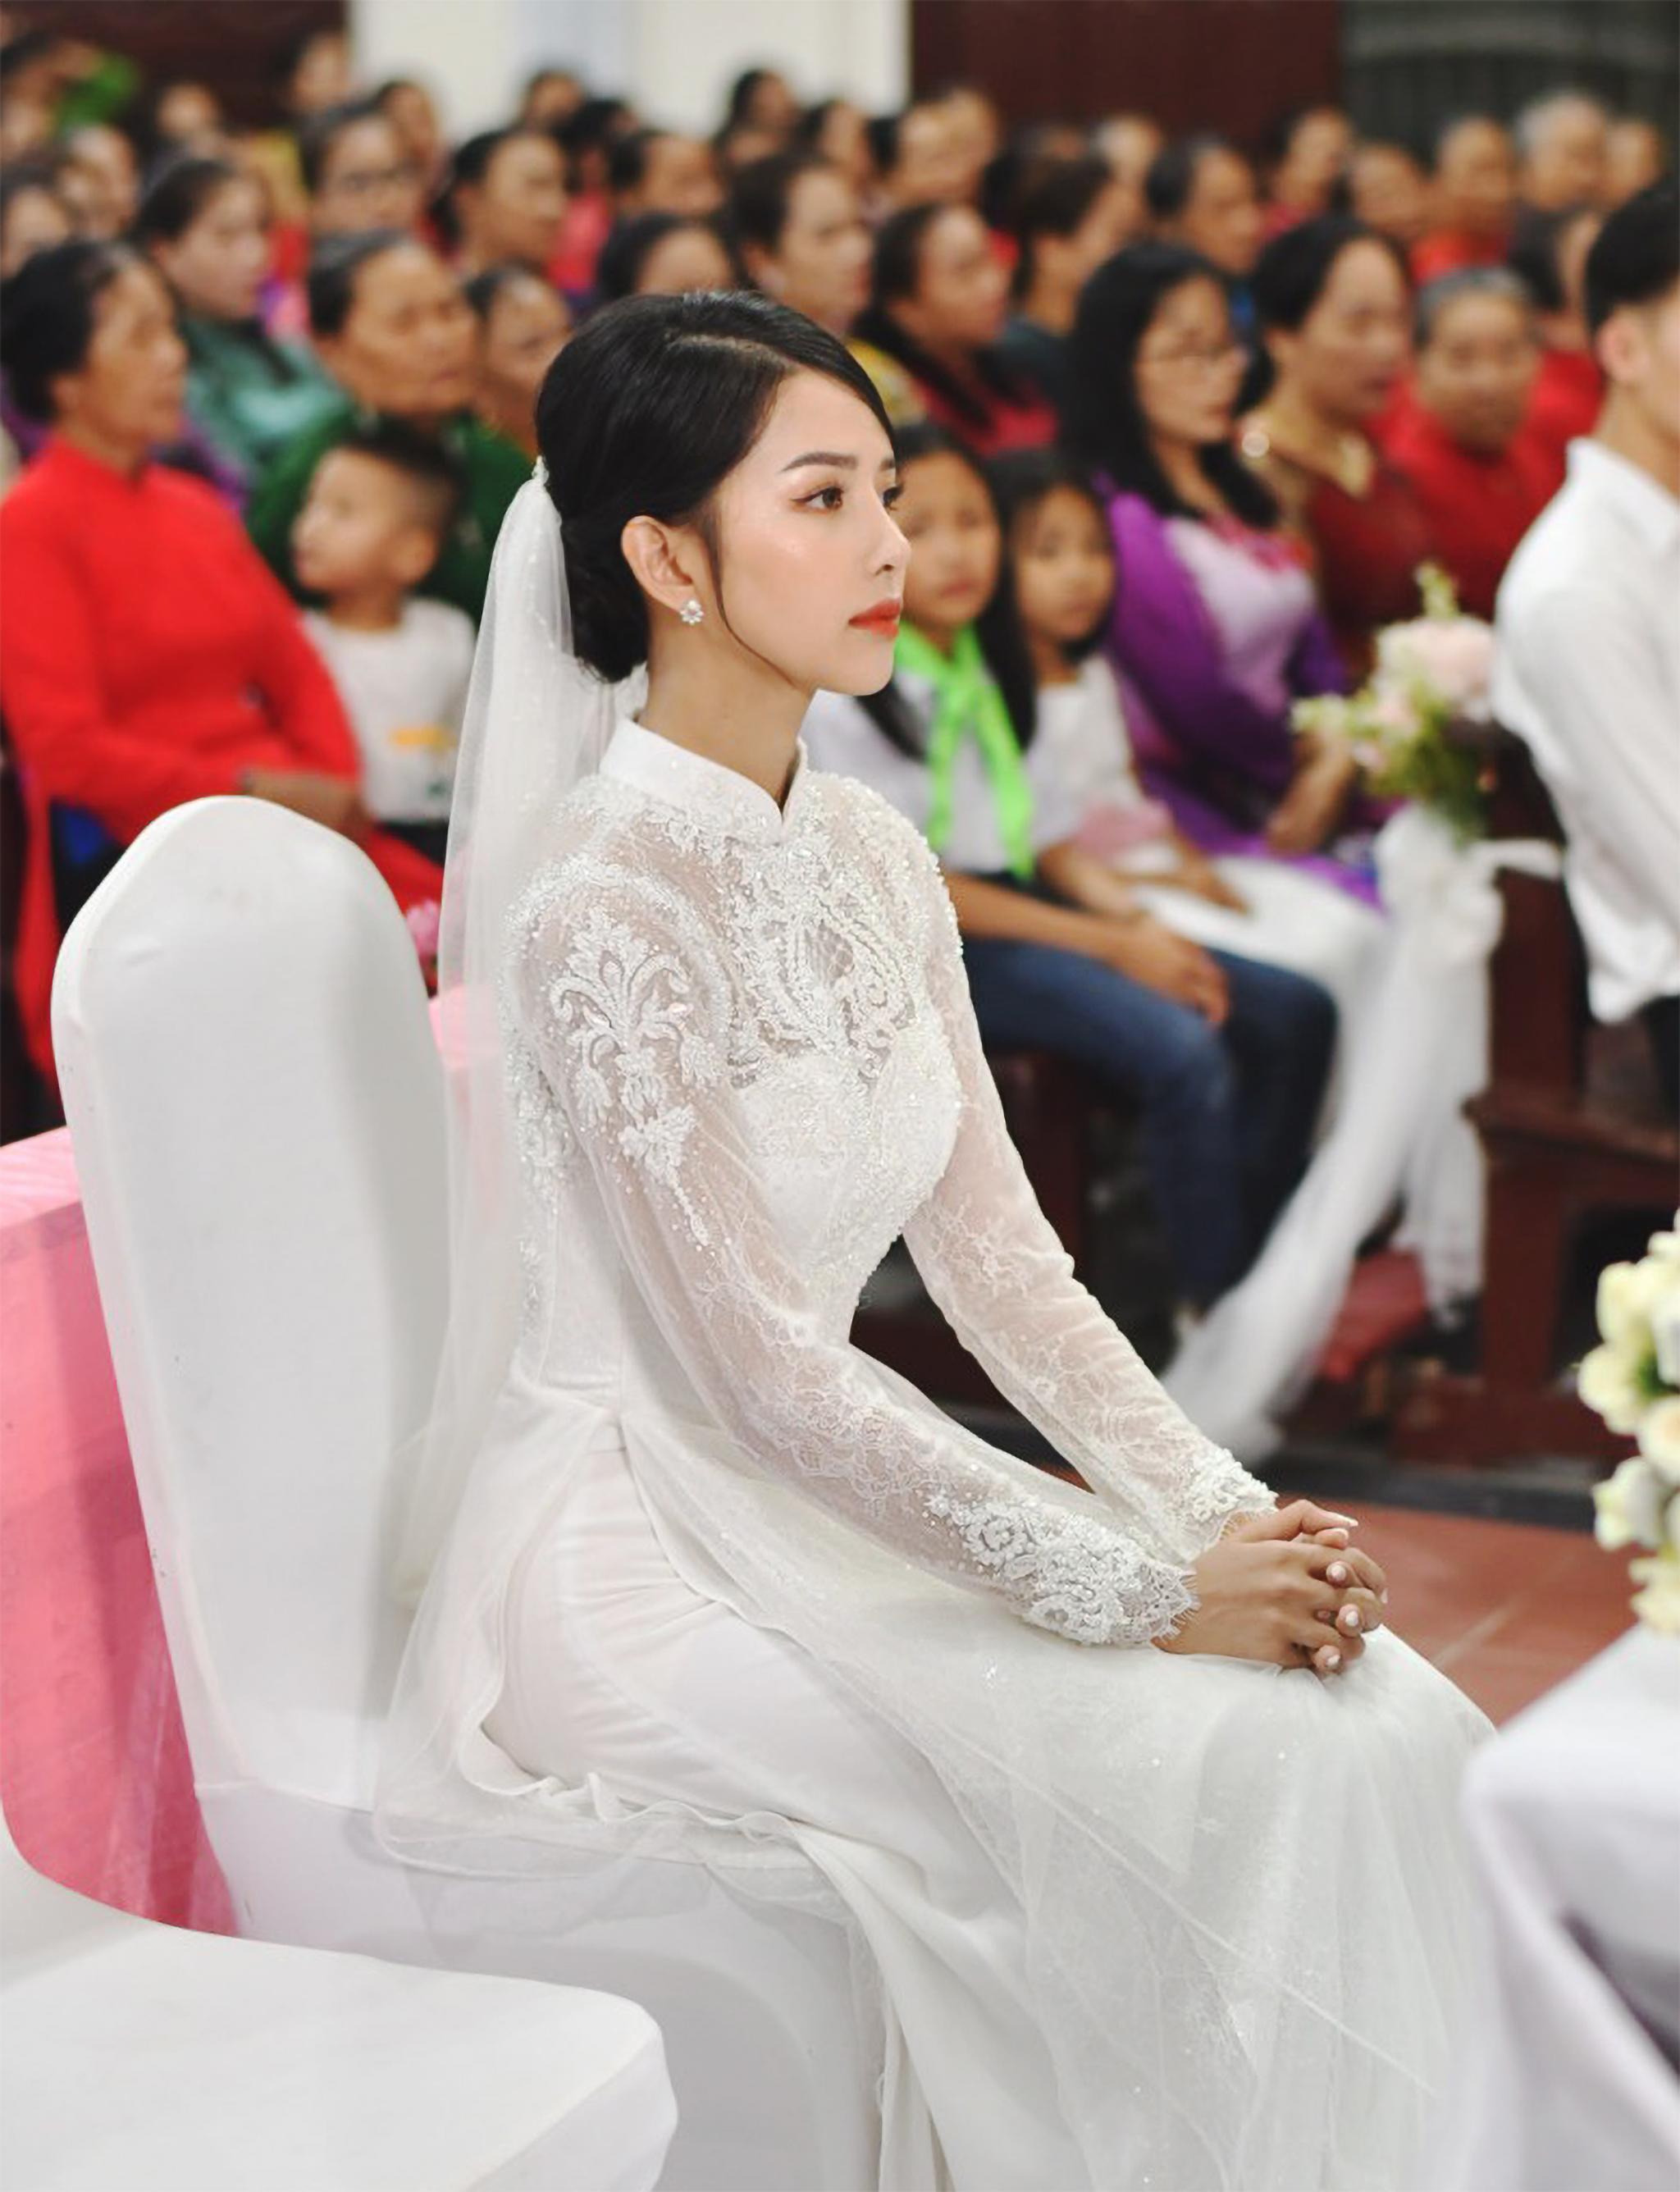 Bóc áo dài cưới của vợ Phan Mạnh Quỳnh: Đính tới 8000 viên đá swarovski đắt tiền, đai corset làm nổi vòng 2 siêu thực của cô dâu - Ảnh 1.